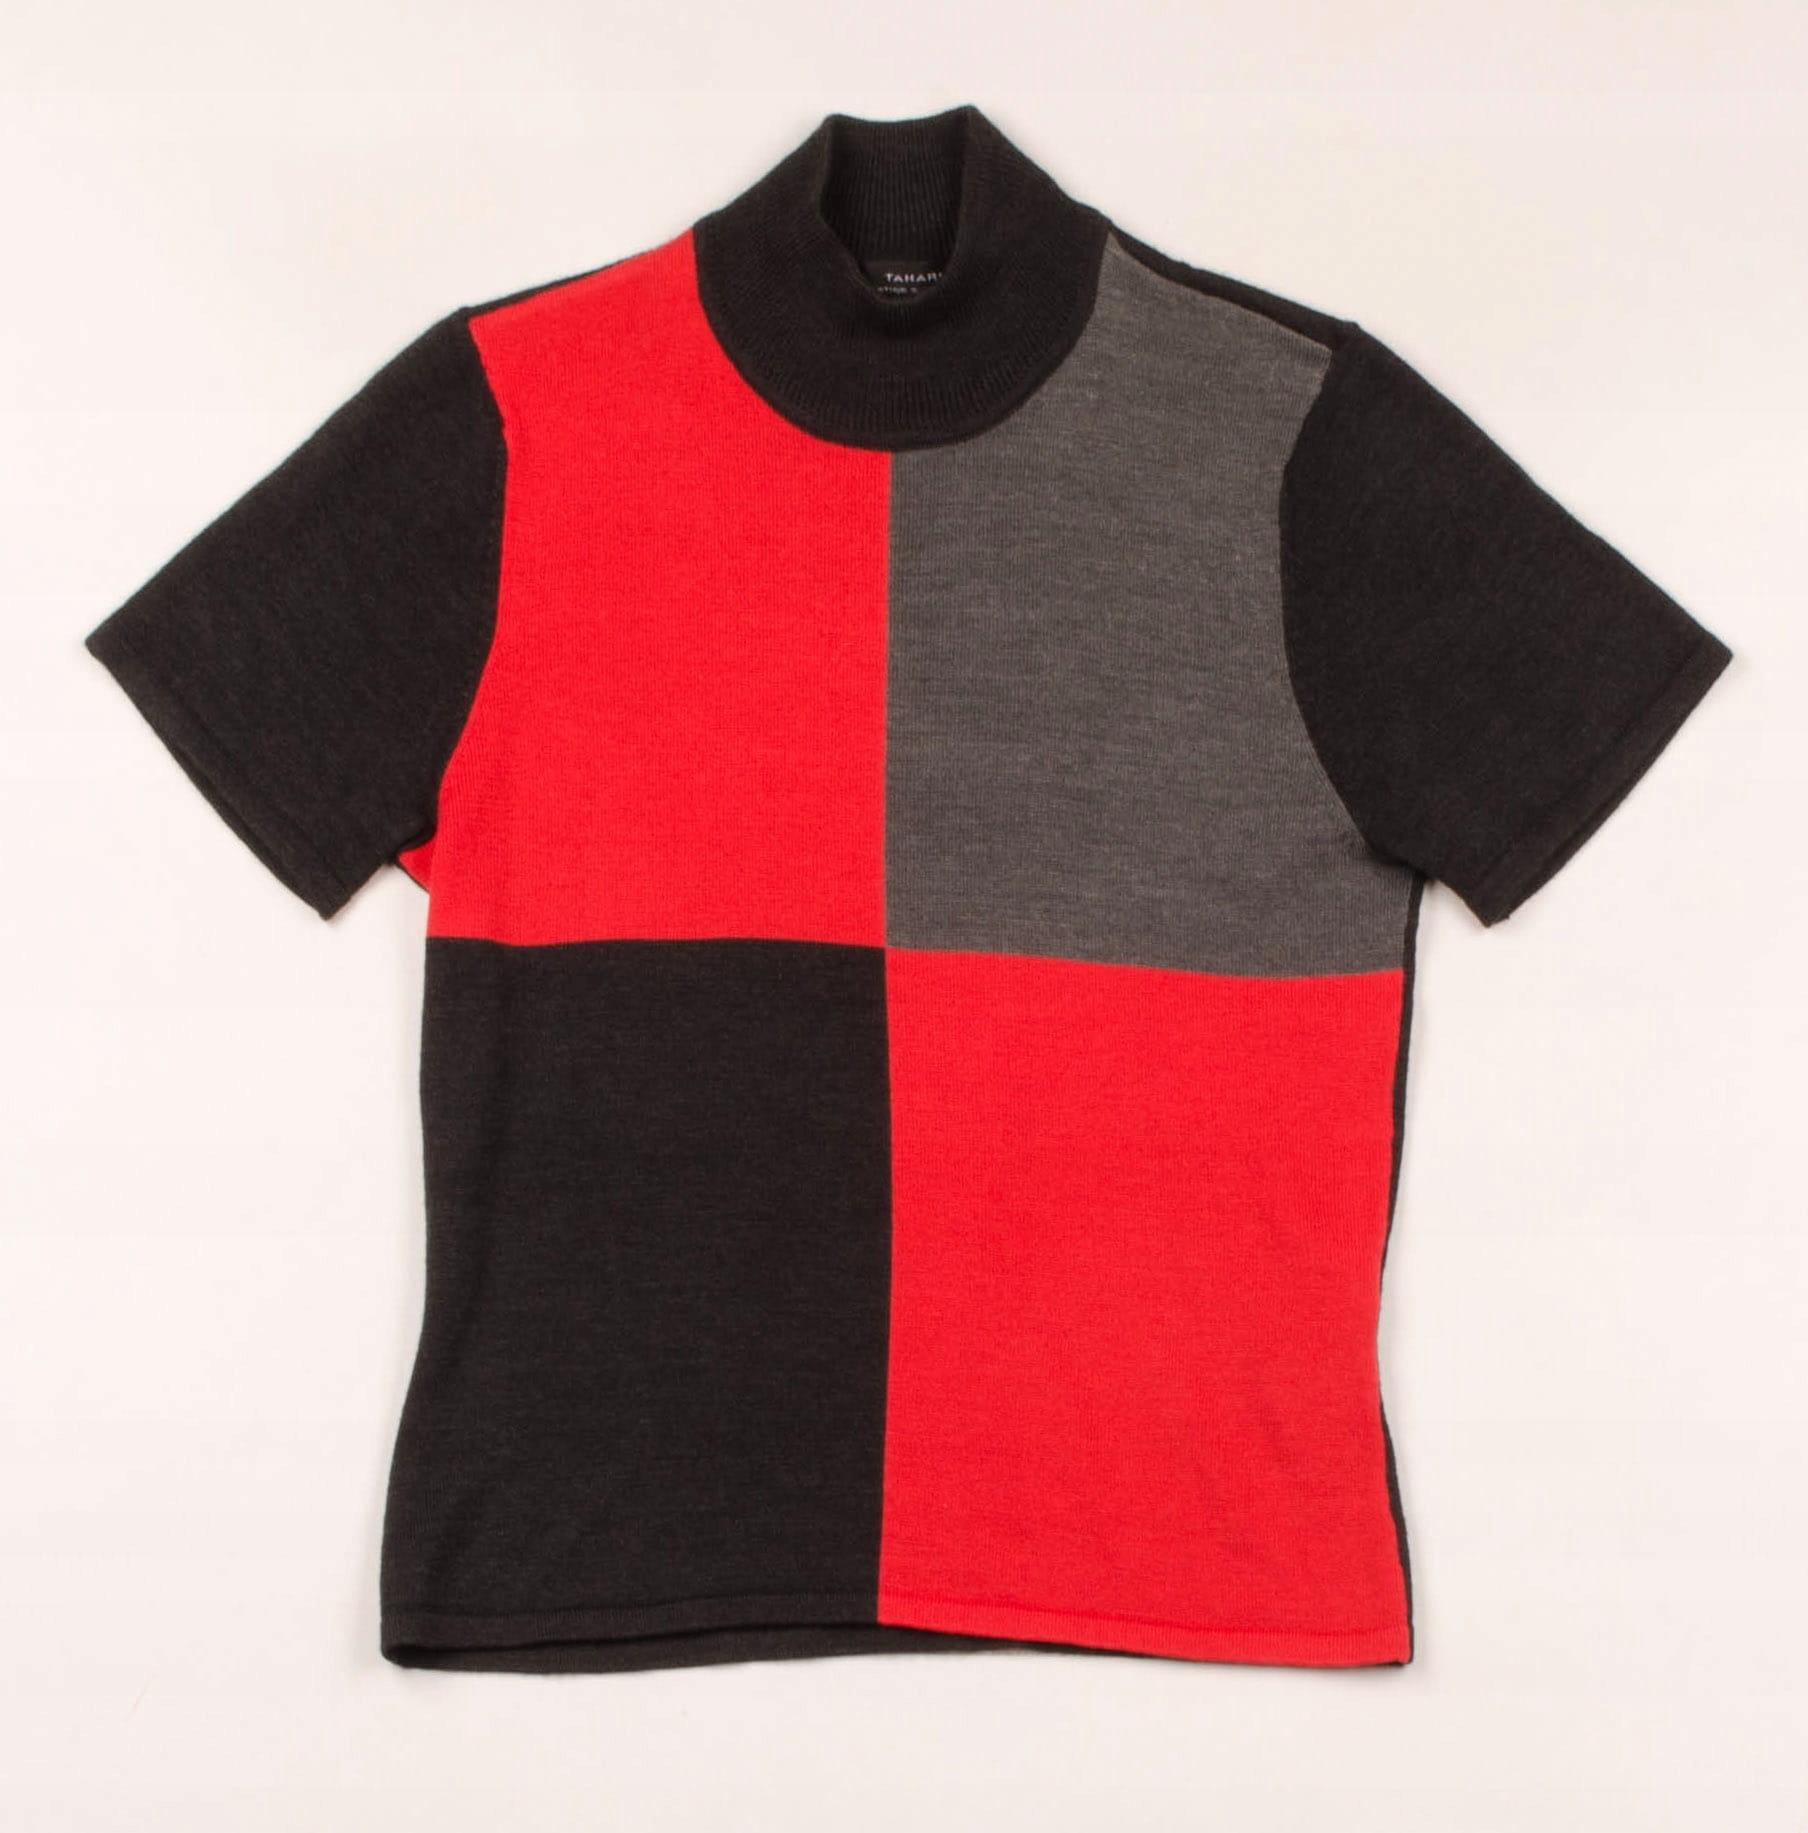 34606 Bluzka Koszulka Damska M